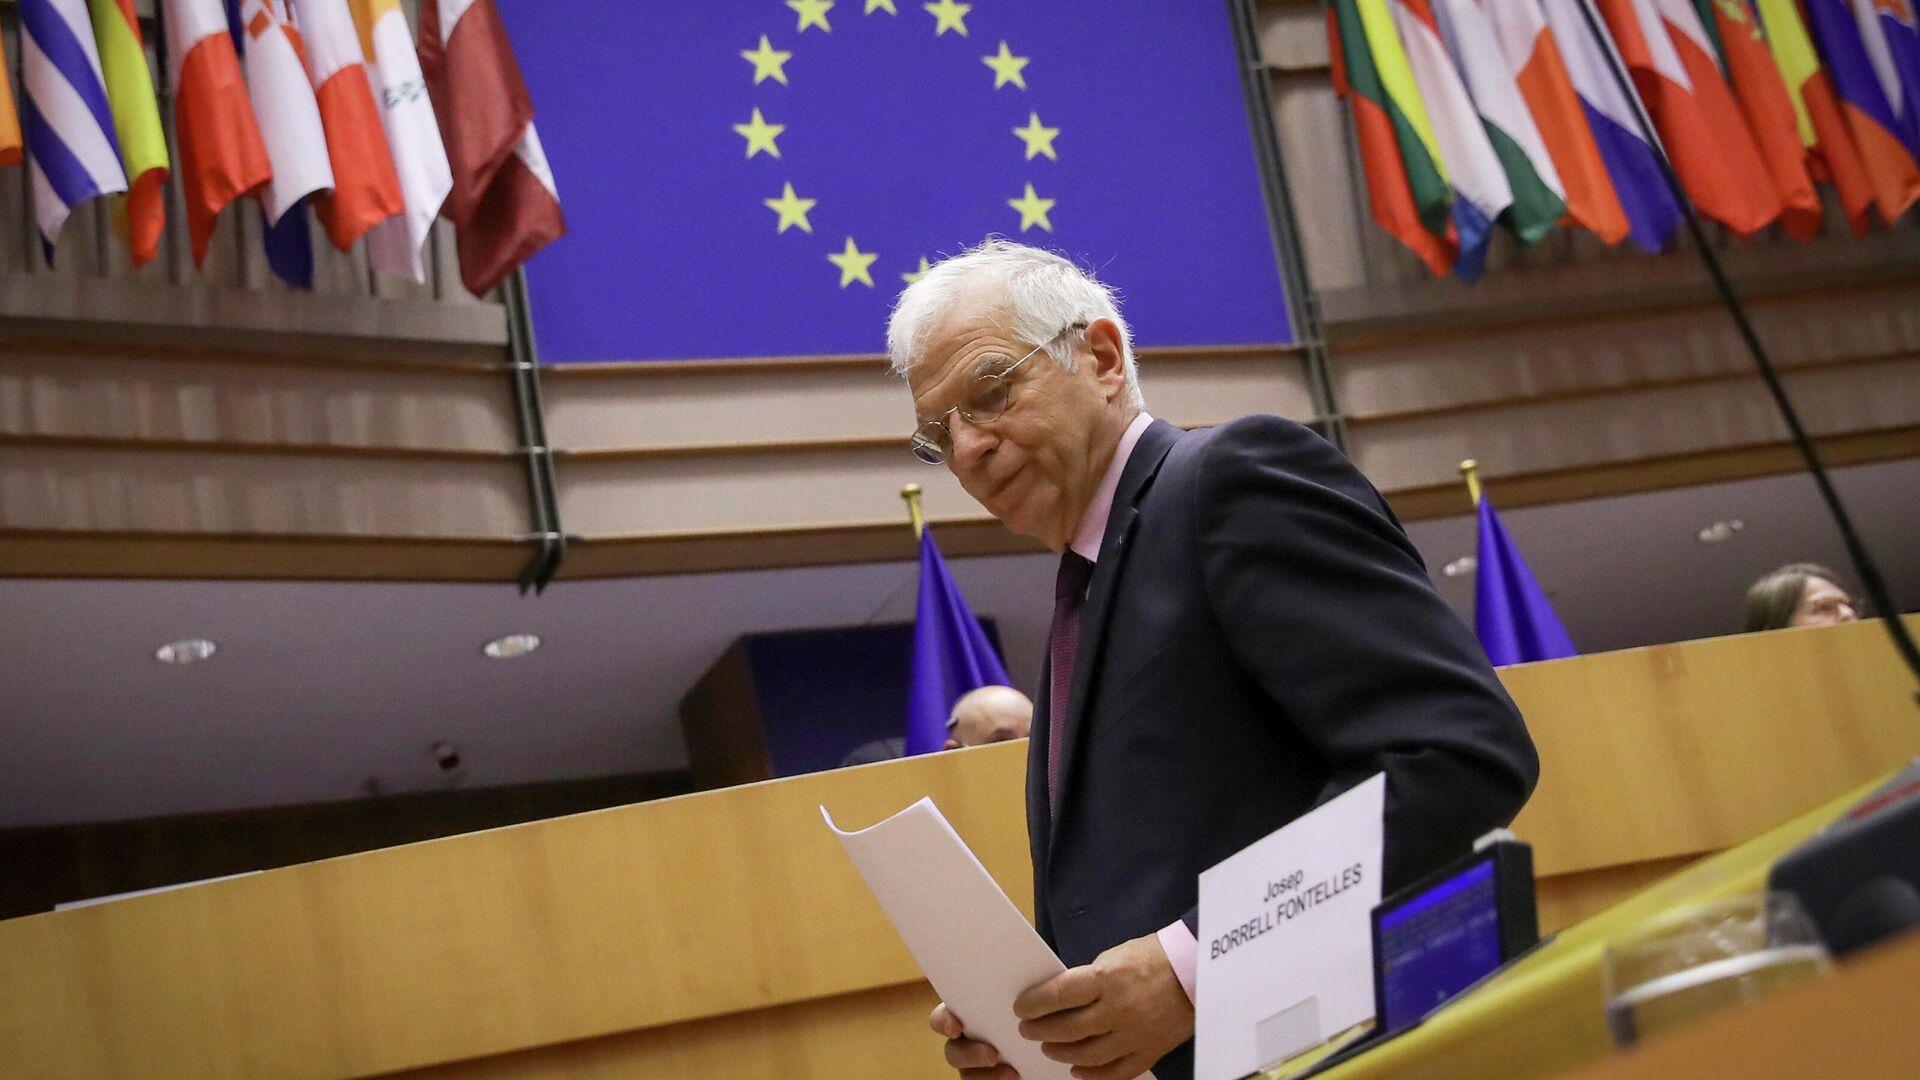 Верховный представитель Европейского союза по иностранным делам и политике безопасности Жозеп Боррель на заседании Европарламента в Брюсселе - РИА Новости, 1920, 21.06.2021